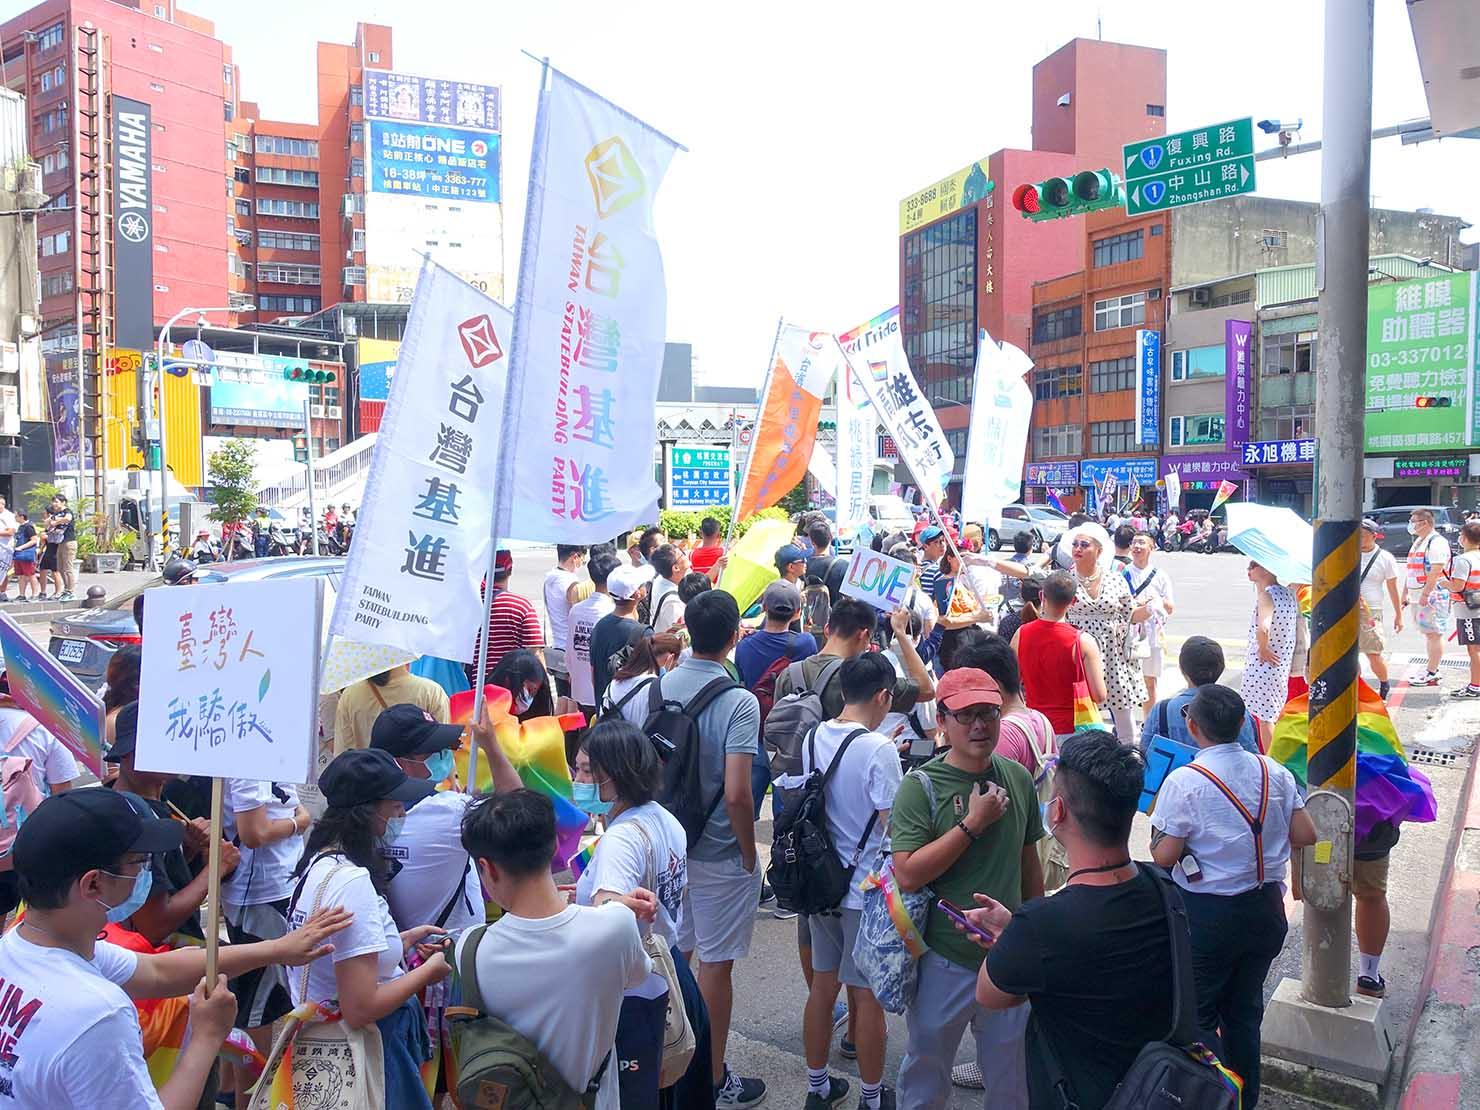 台湾・桃園のLGBTプライド「桃園彩虹野餐日」2020のパレード隊列